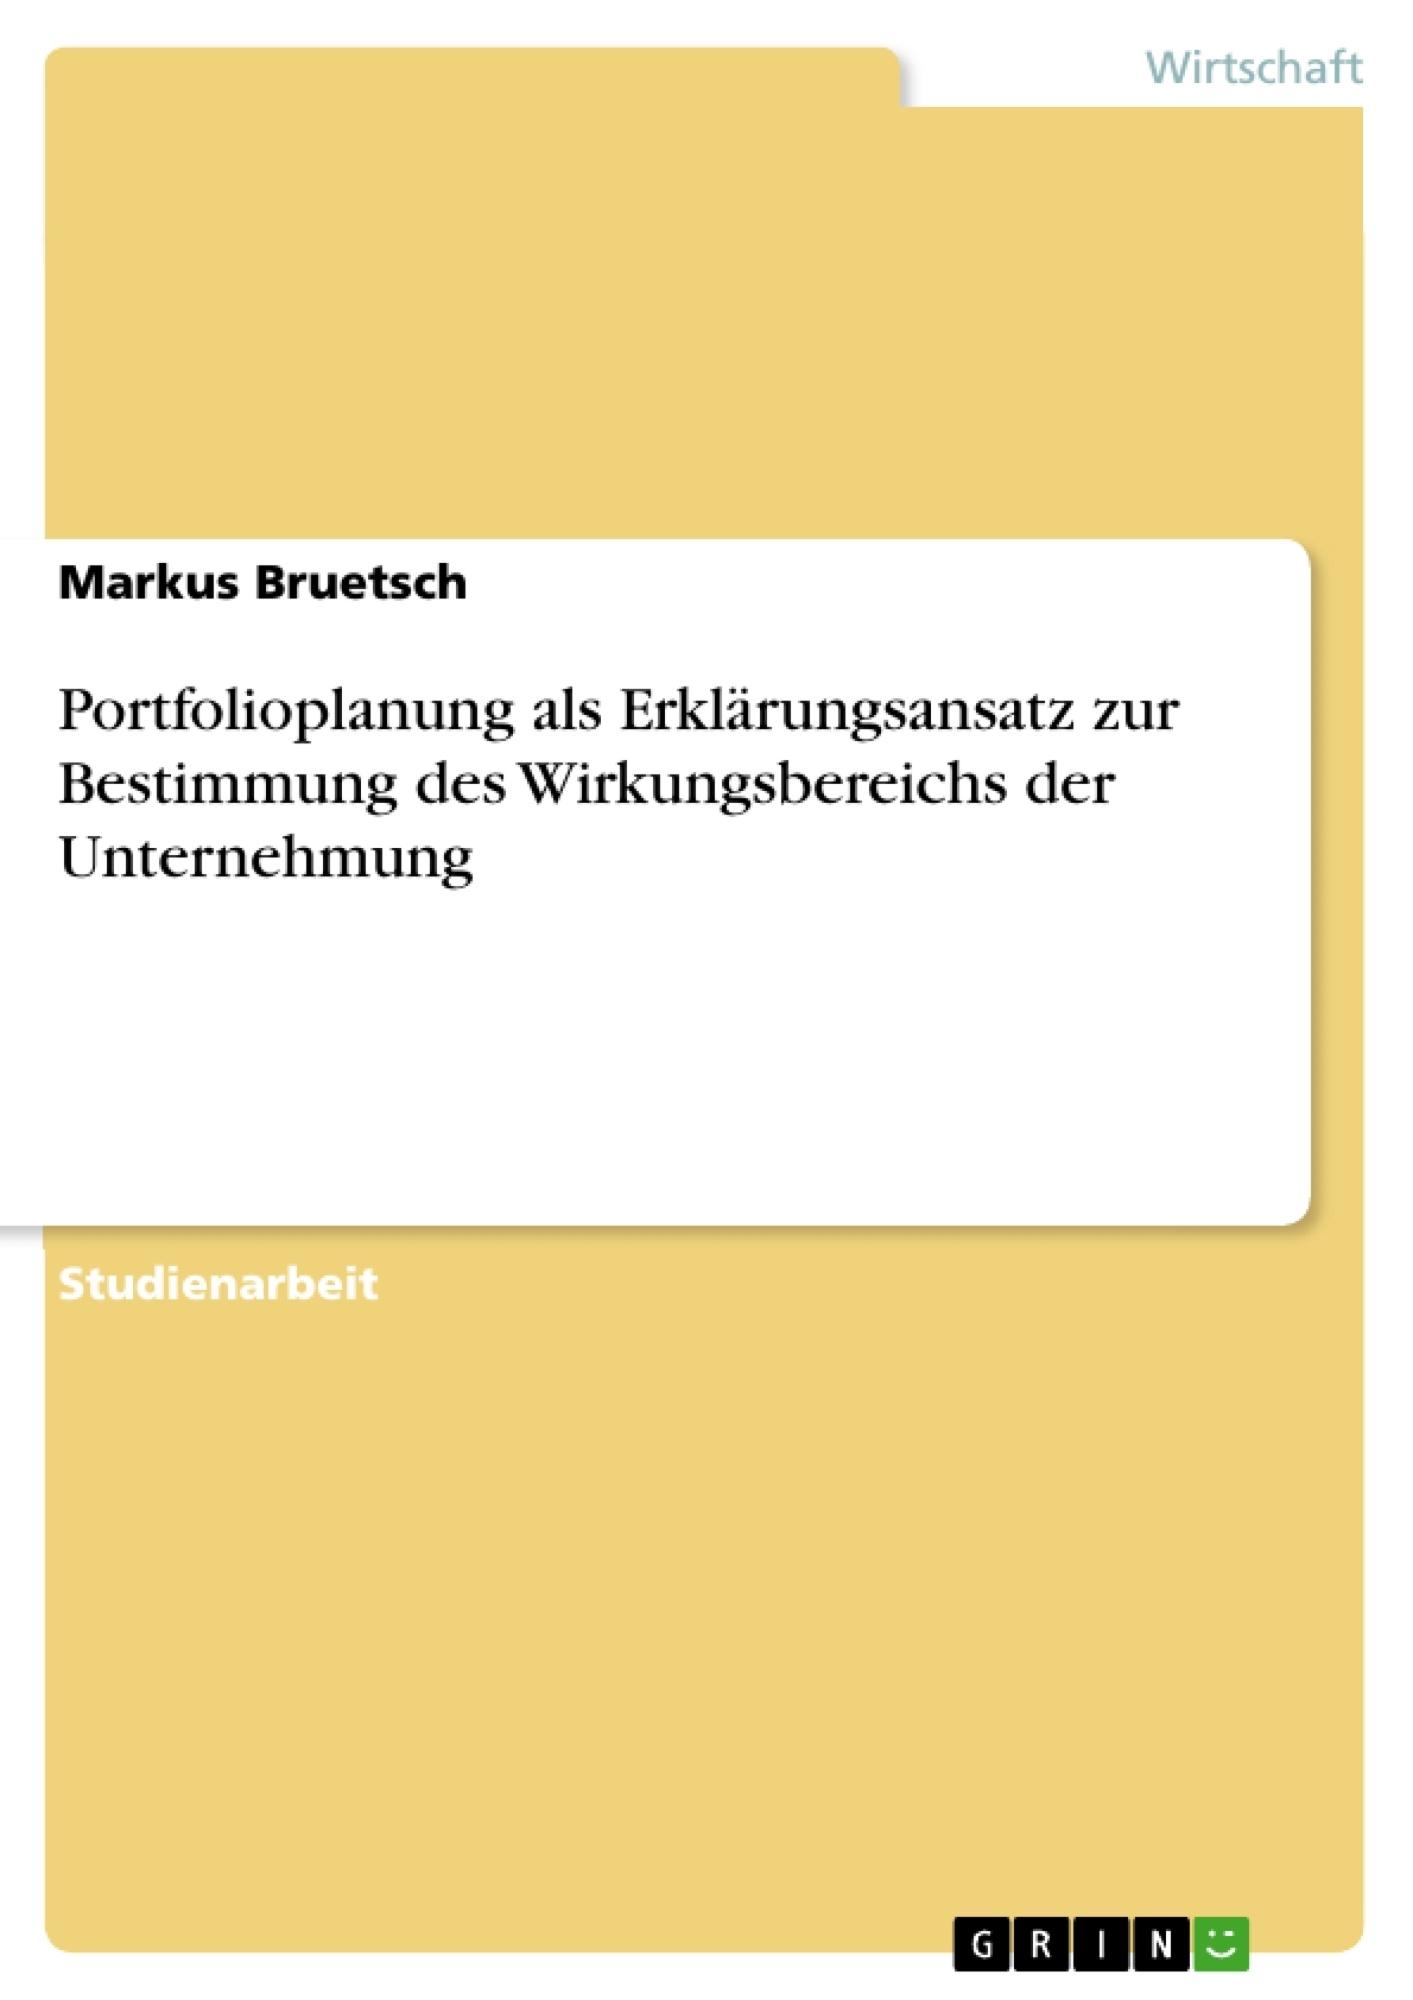 Titel: Portfolioplanung als Erklärungsansatz zur Bestimmung des Wirkungsbereichs der Unternehmung